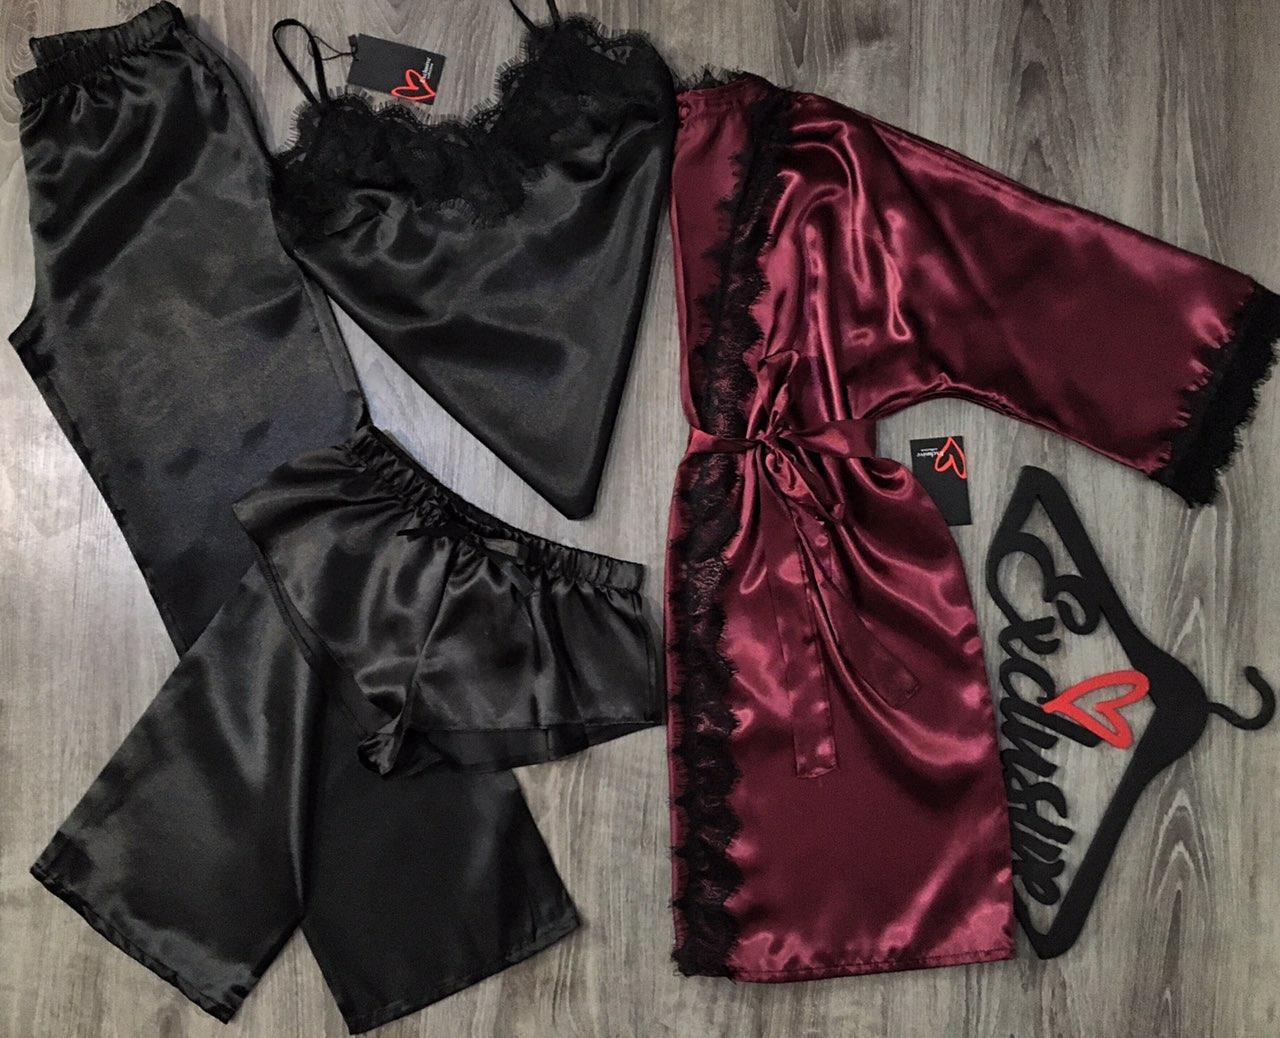 Халат+пижама(майка штаны и шорты)-комплект одежды для сна и отдыха.